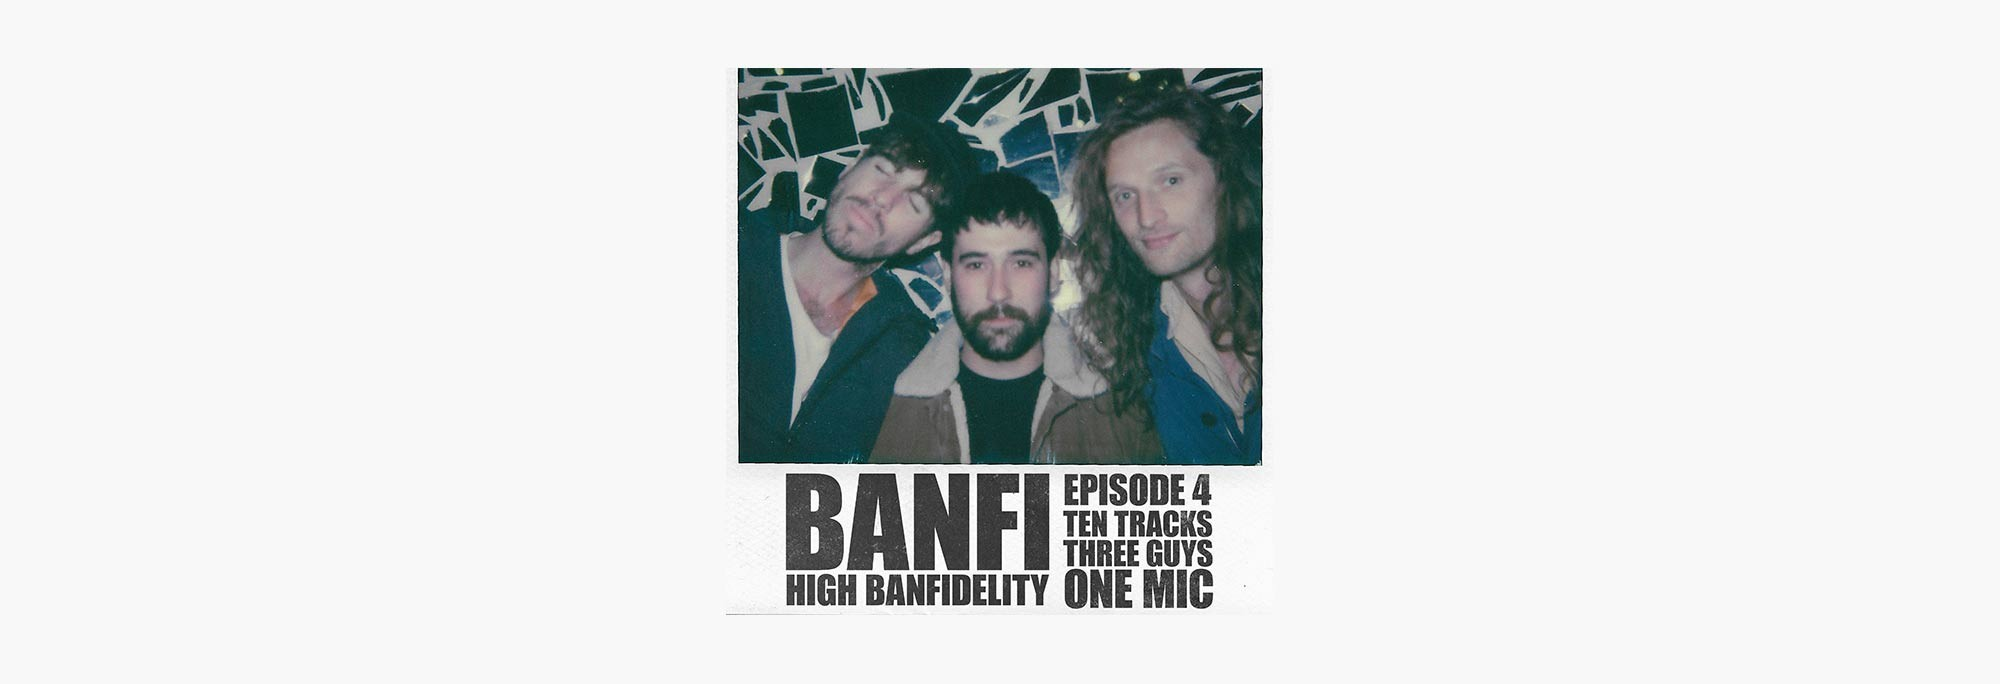 Banfi  - High Banfidelity Episode 4